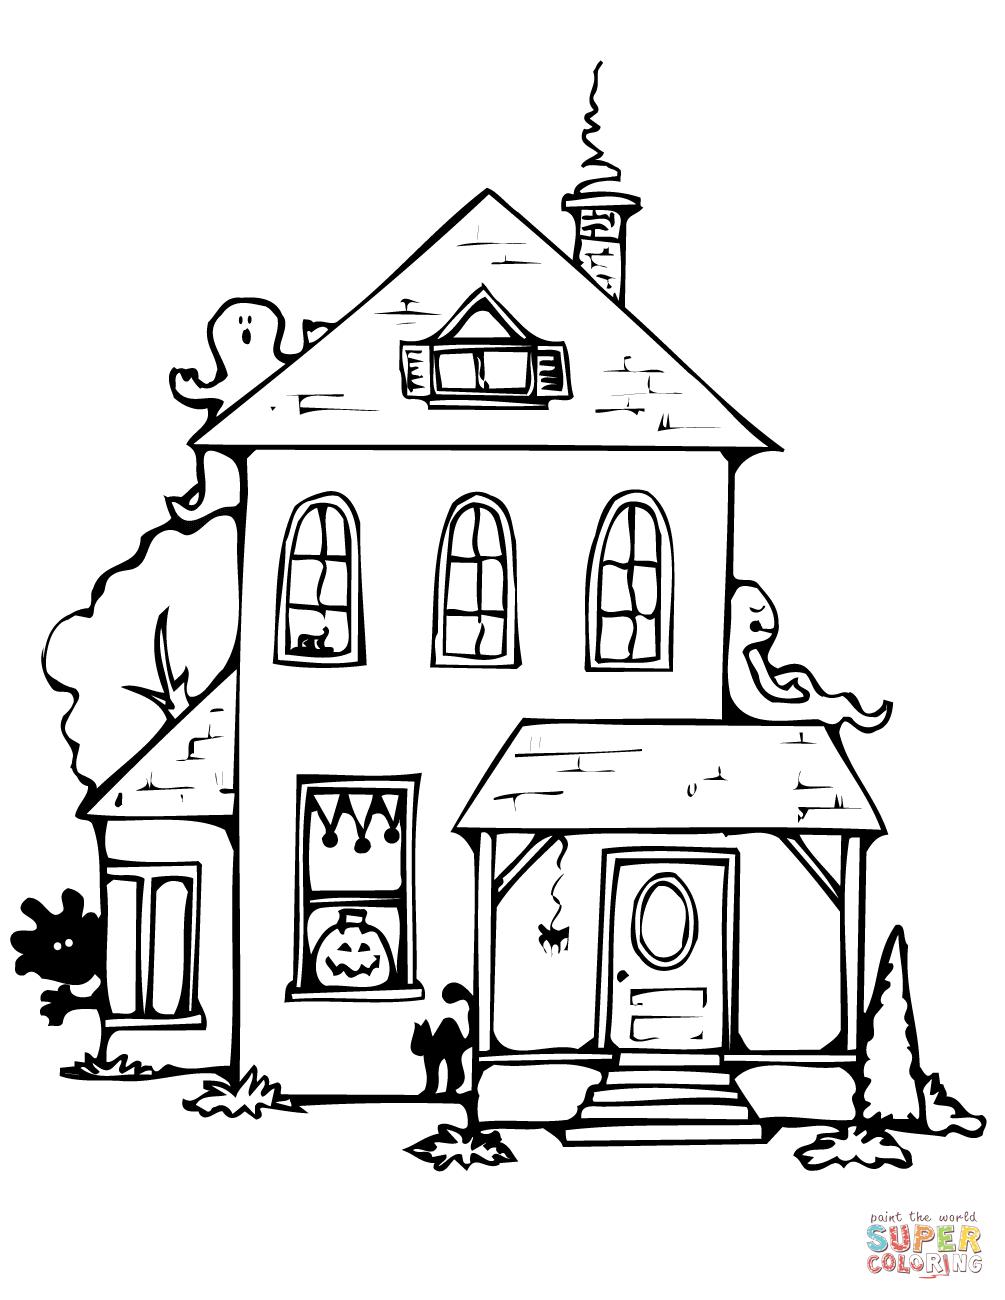 casas para colorir e pintar 15 - Aprender a Desenhar